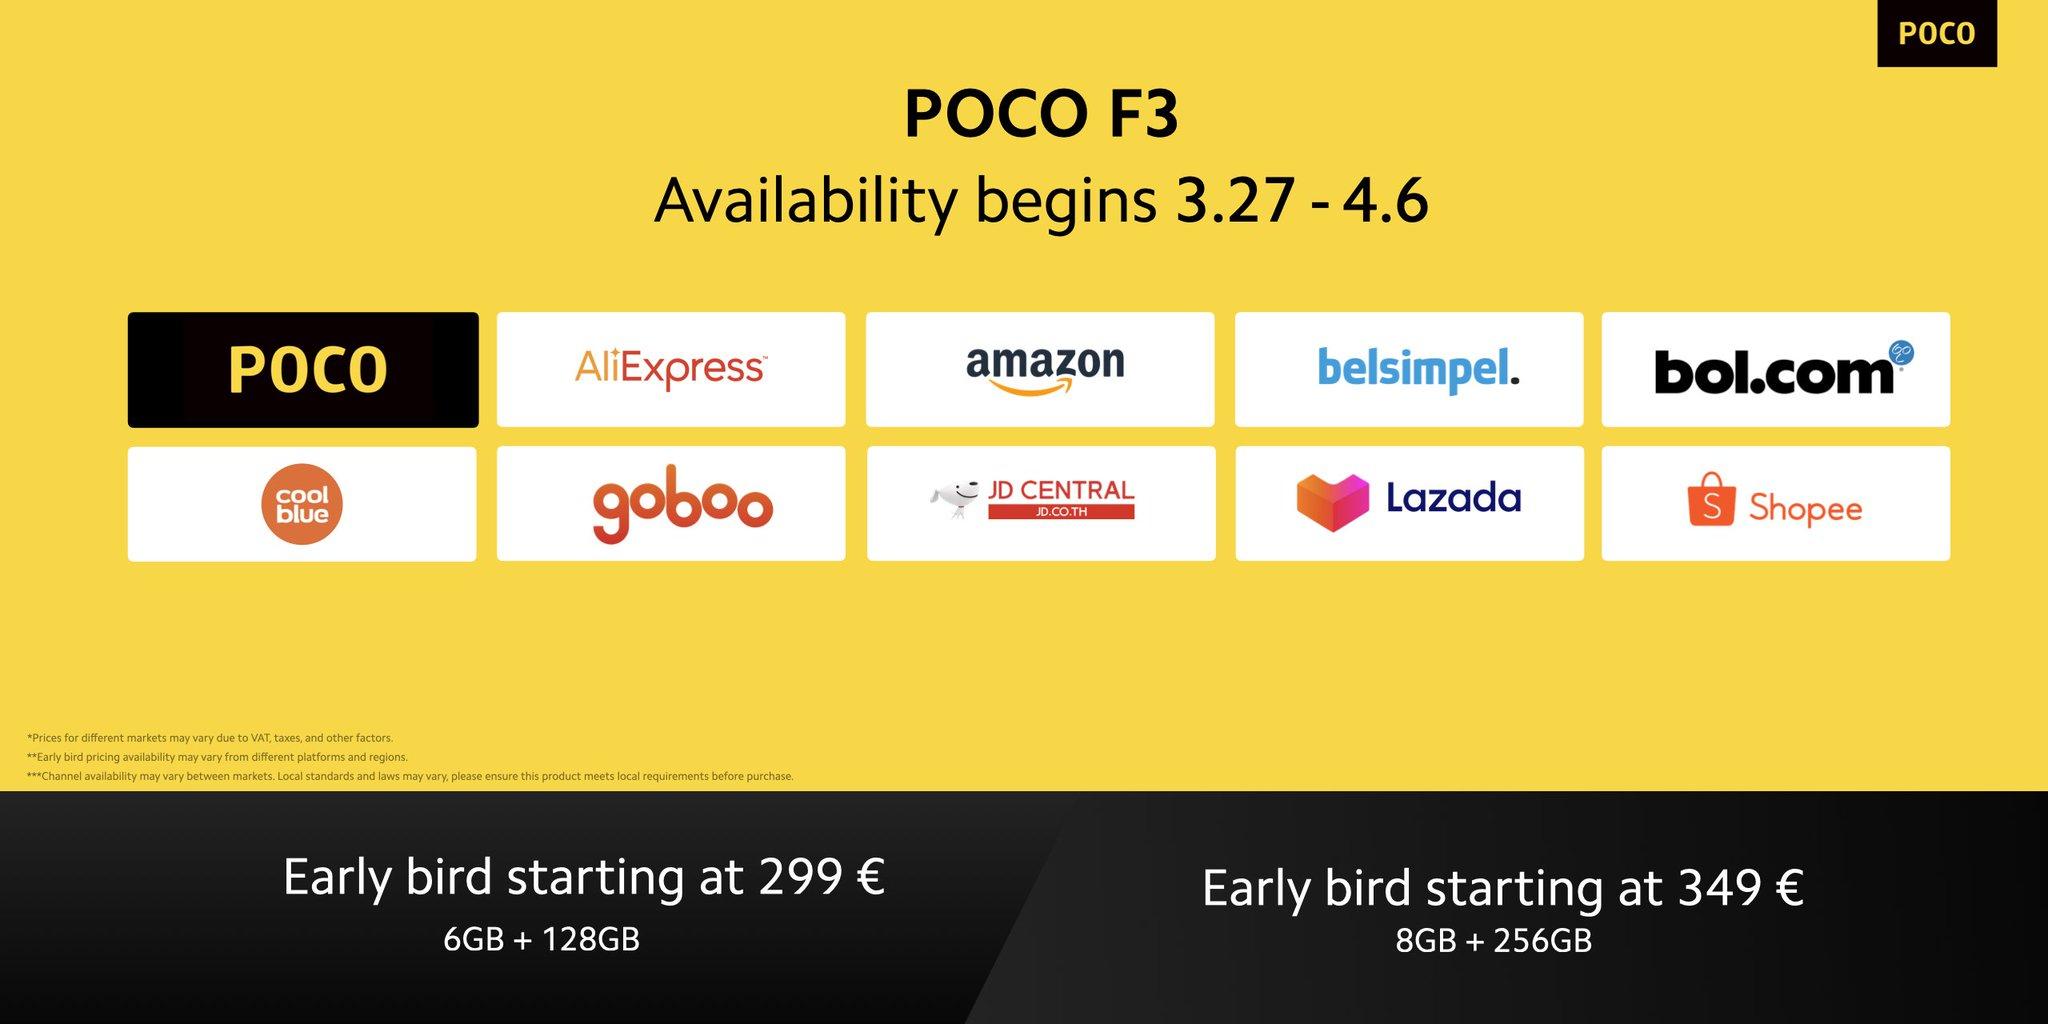 Poco F3 6GB/128GB tijdelijk voor €299 (early bird actie) @ Poco/Amazon/Belsimpel